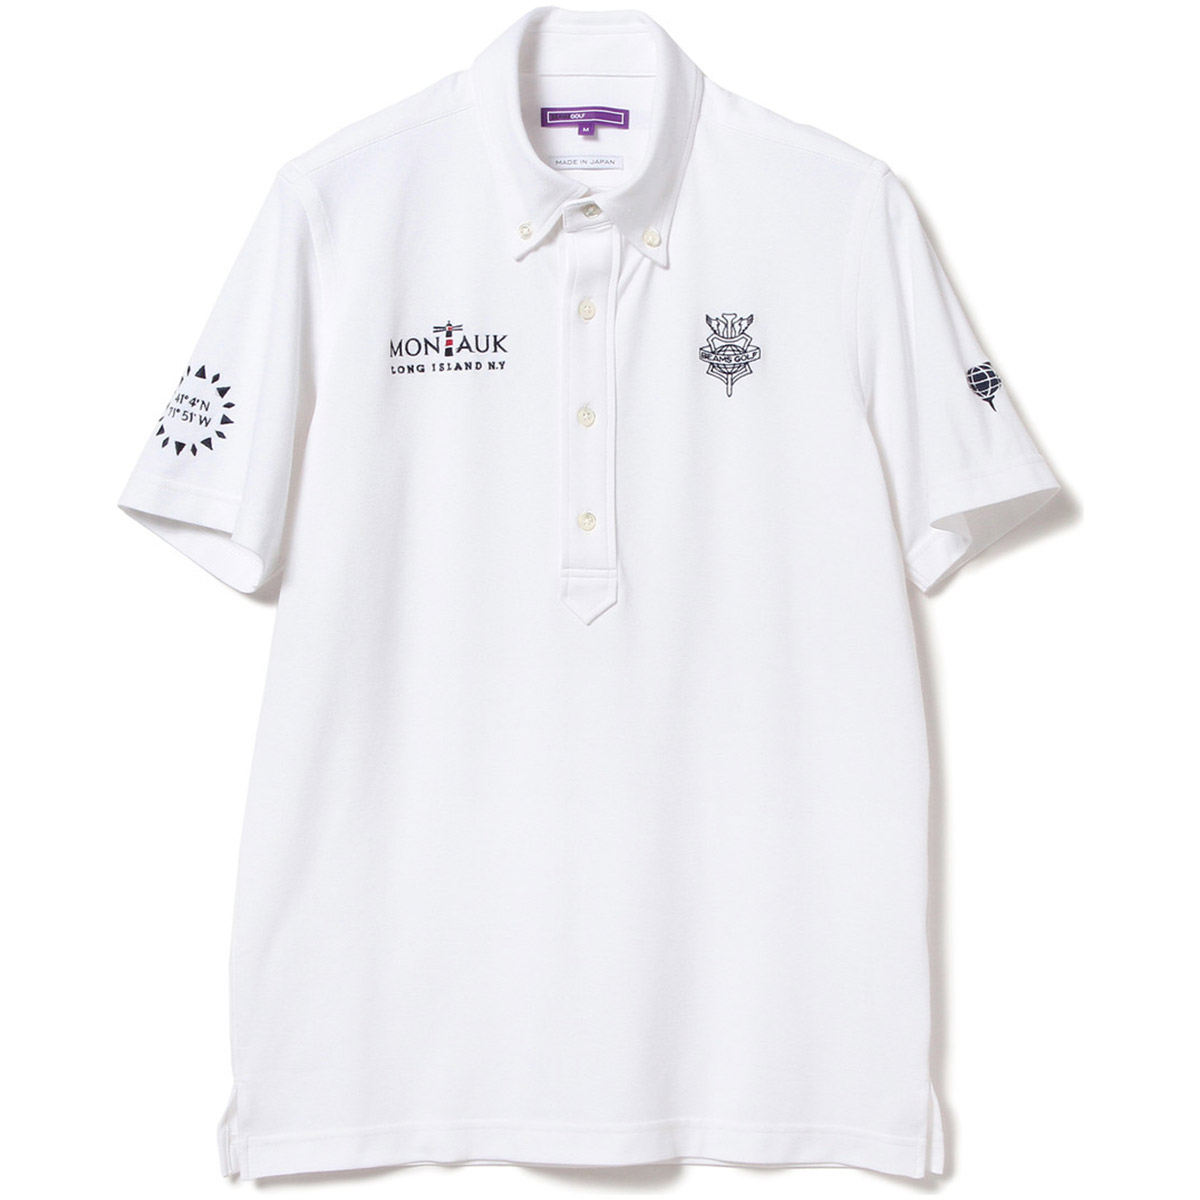 BEAMS GOLF PURPLE LABEL MONTAUK ボタンダウン ポロシャツ